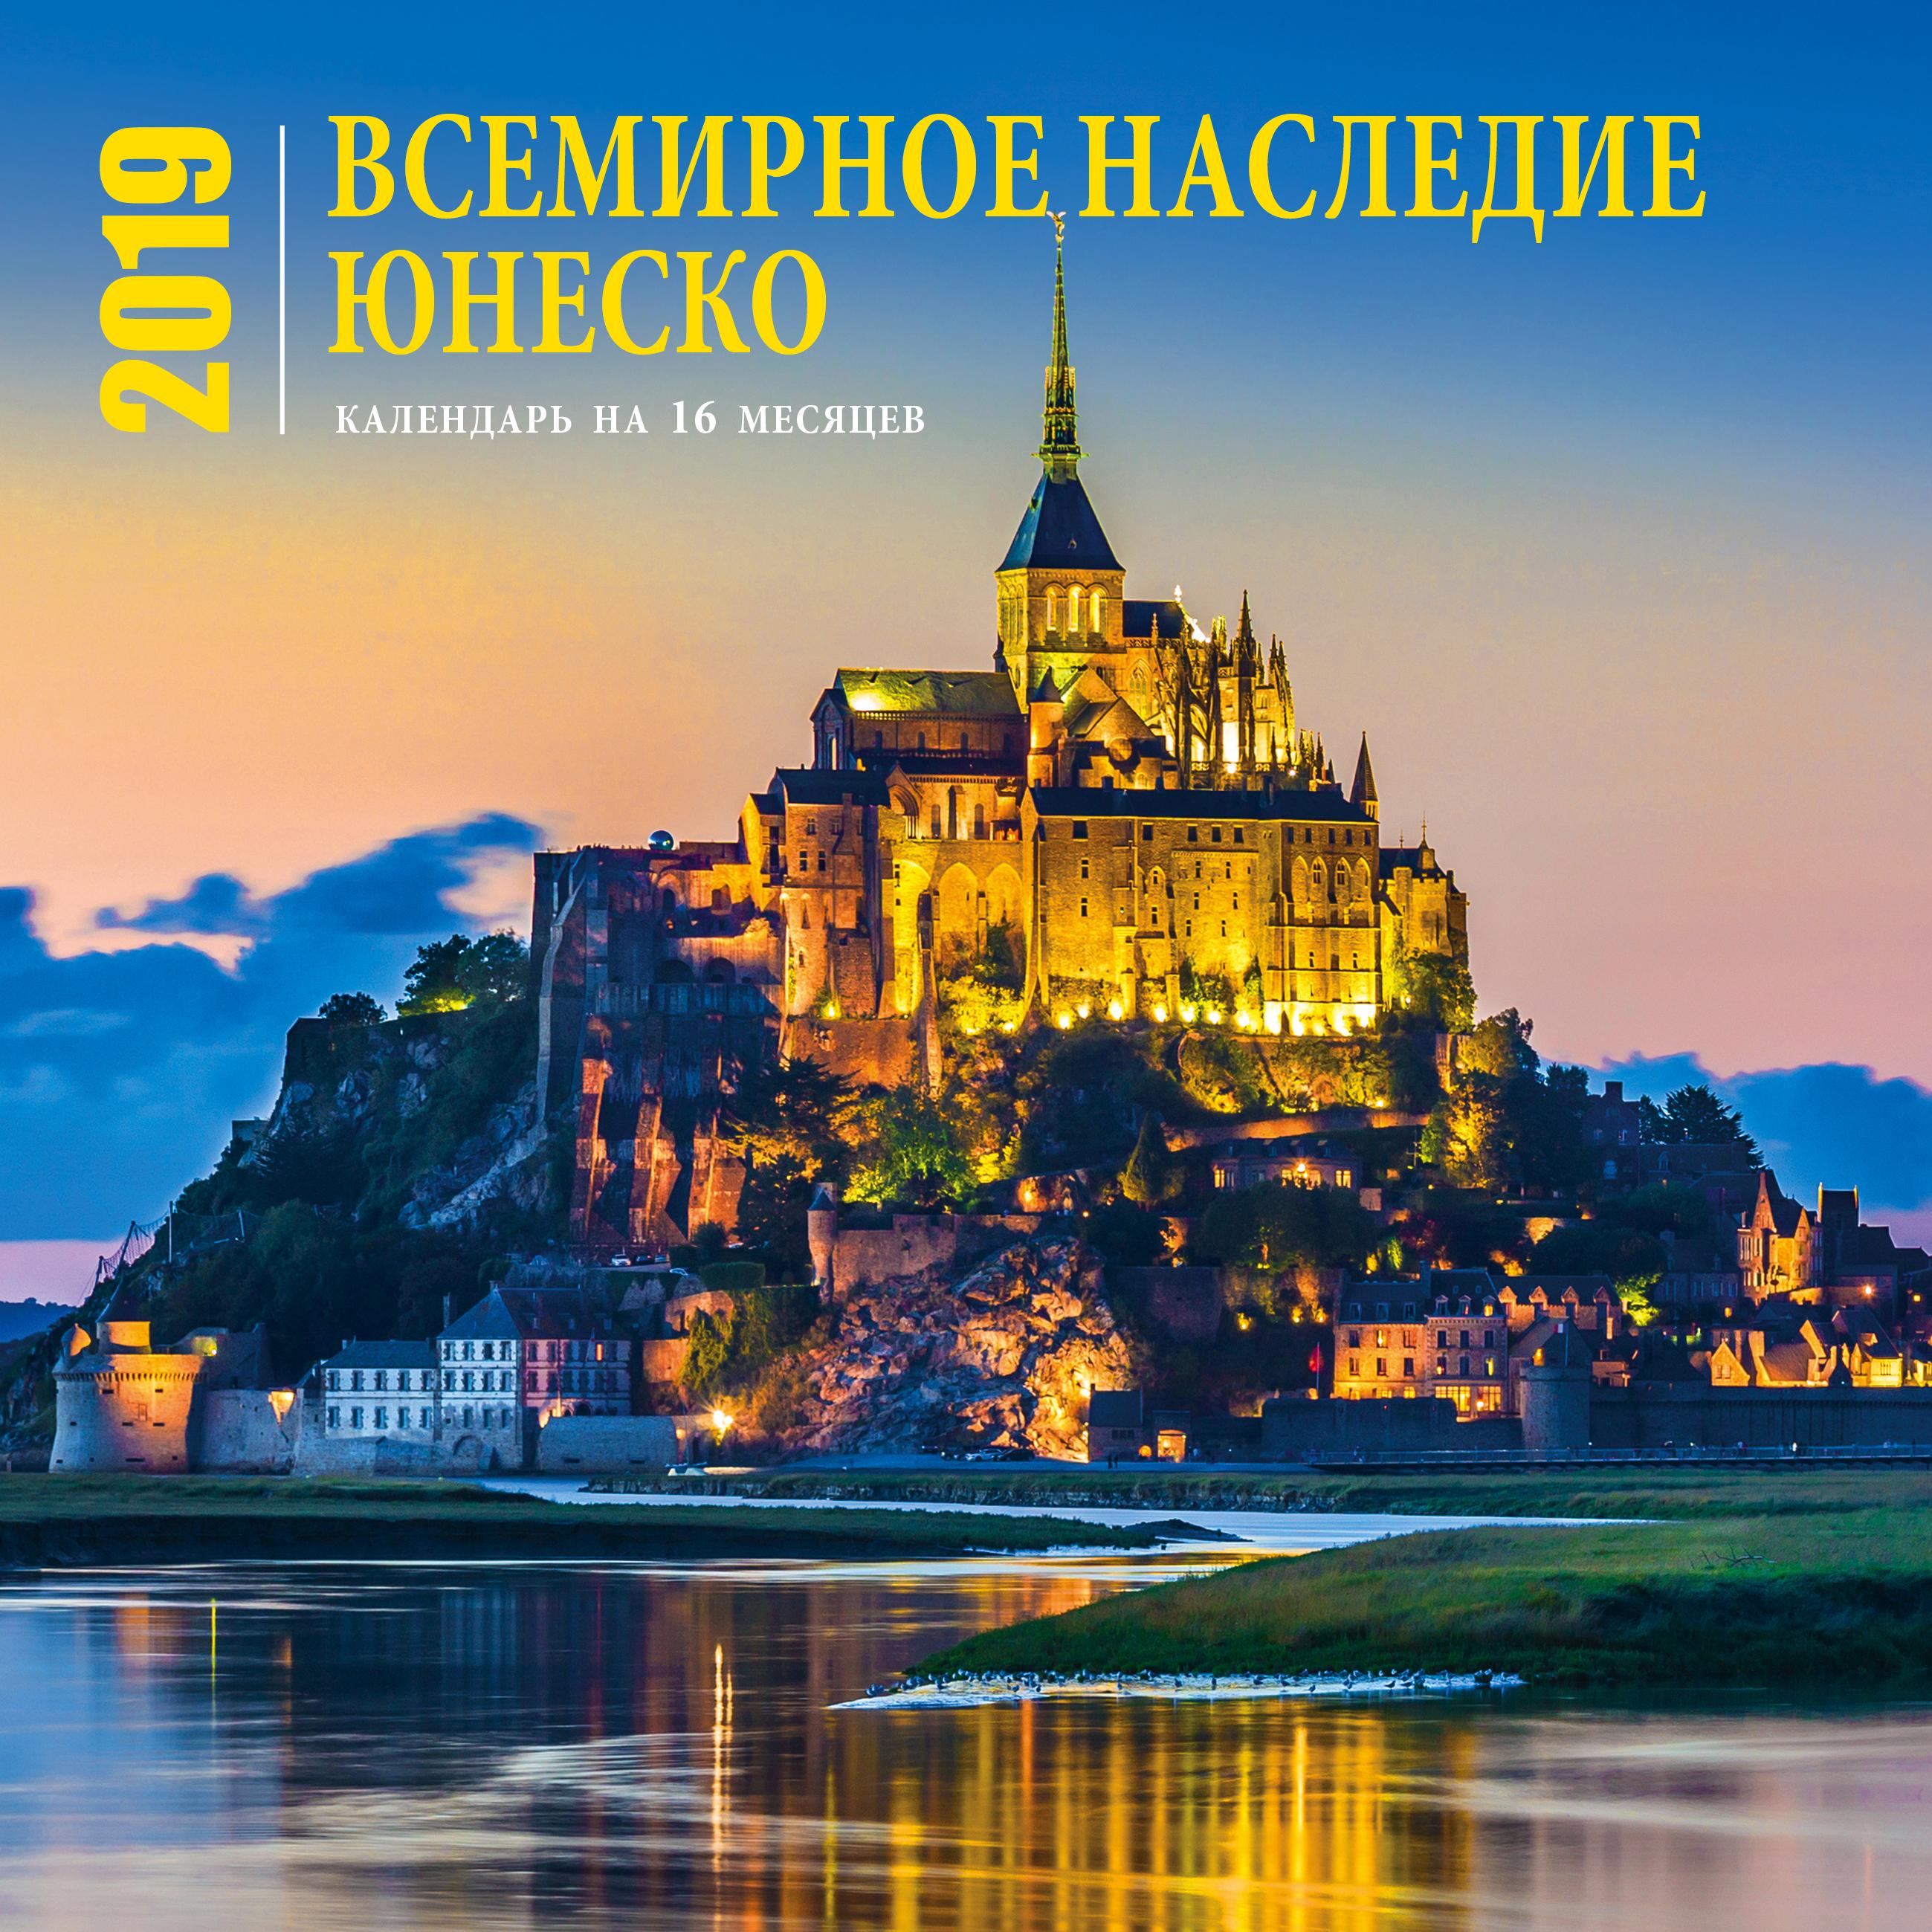 Календарь всемирного наследия ЮНЕСКО (настенный, на 16 месяцев) 2019 цена